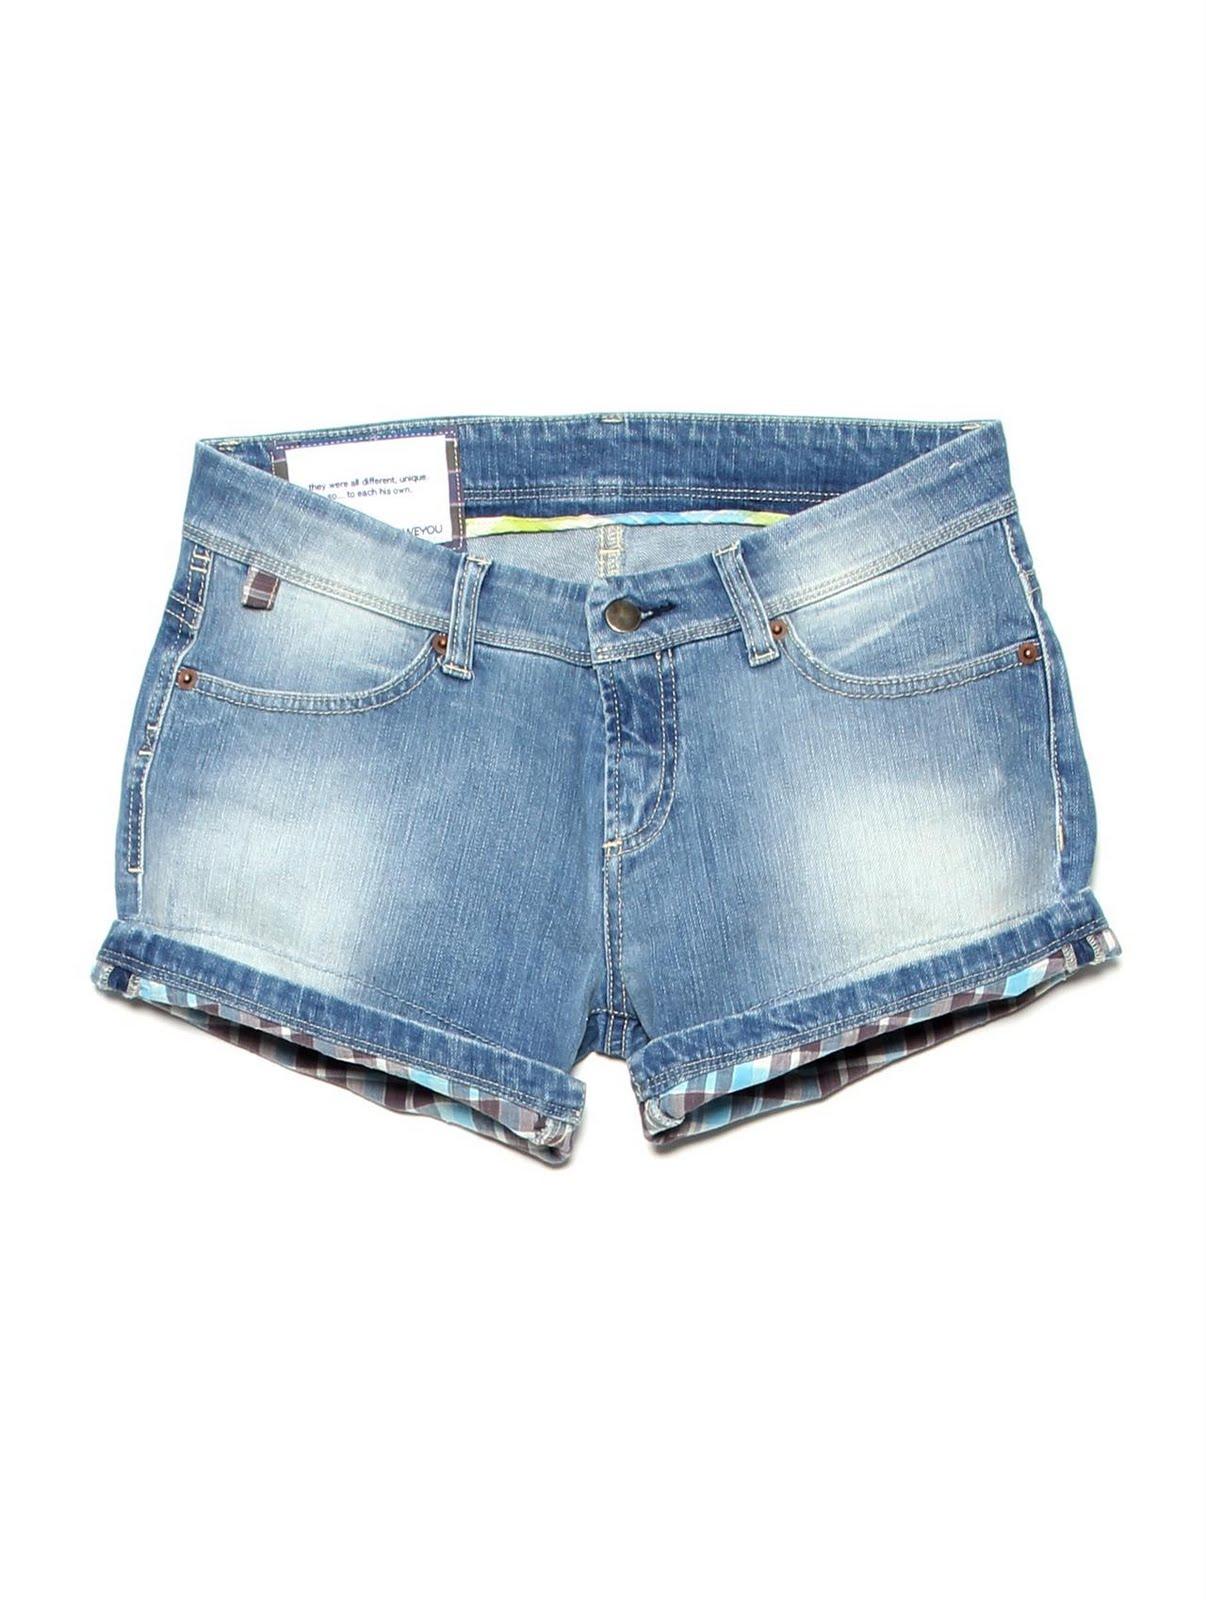 The Denim Short. Shorts for Women Handmade. IOU.